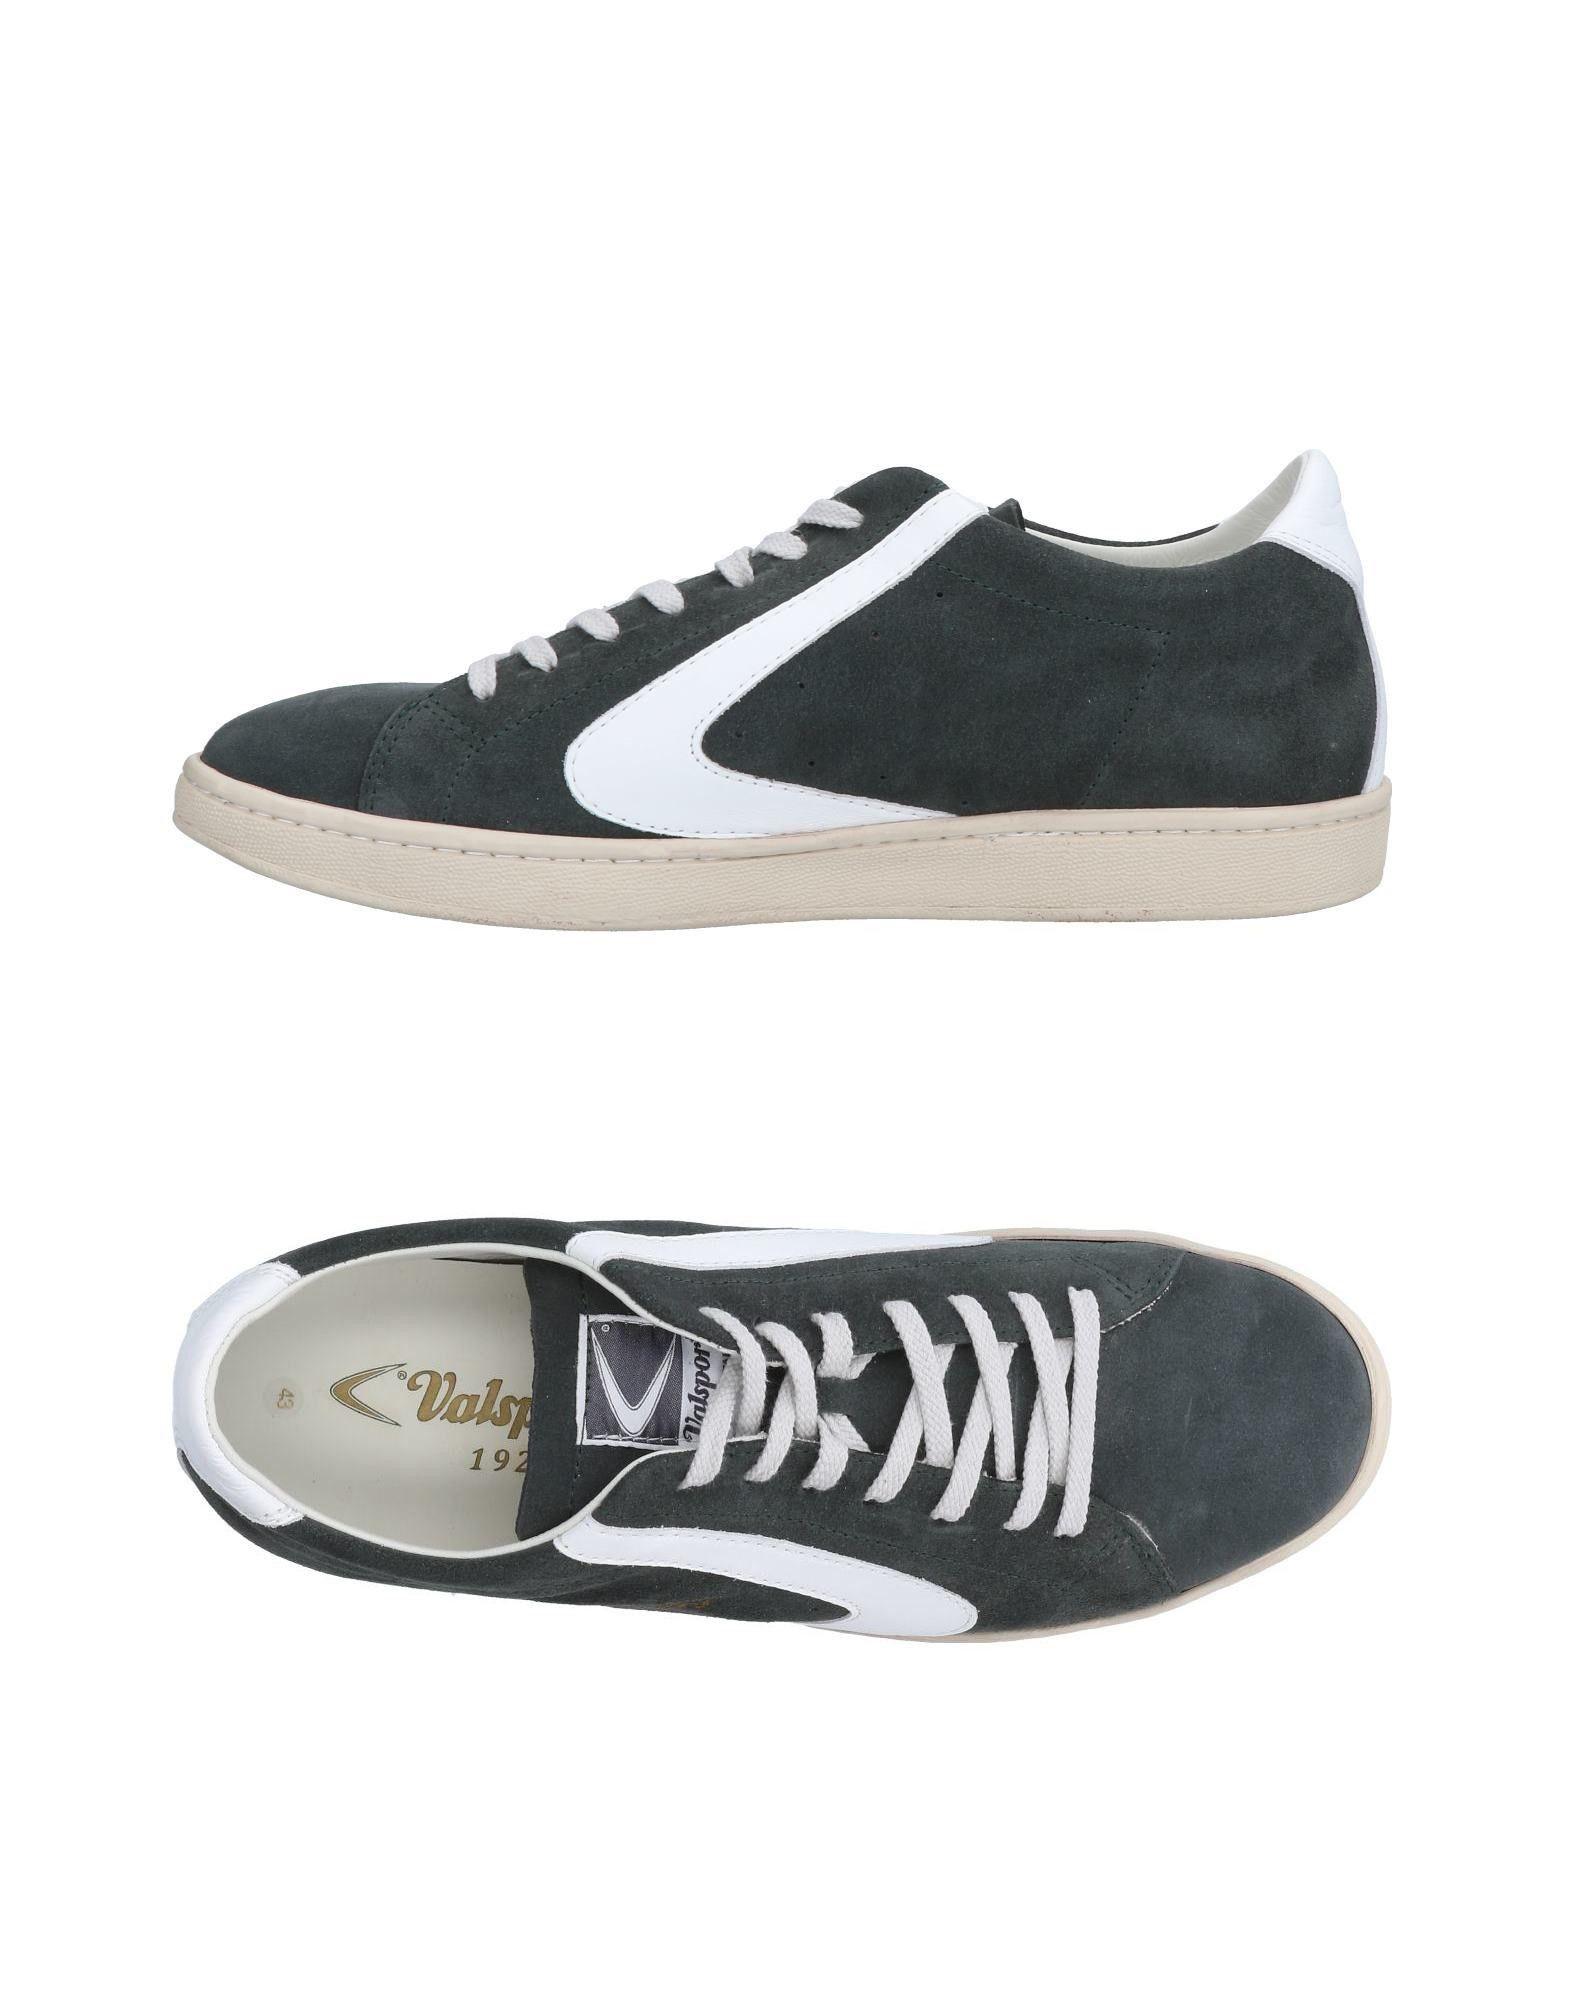 VALSPORT Sneakers in Dark Green